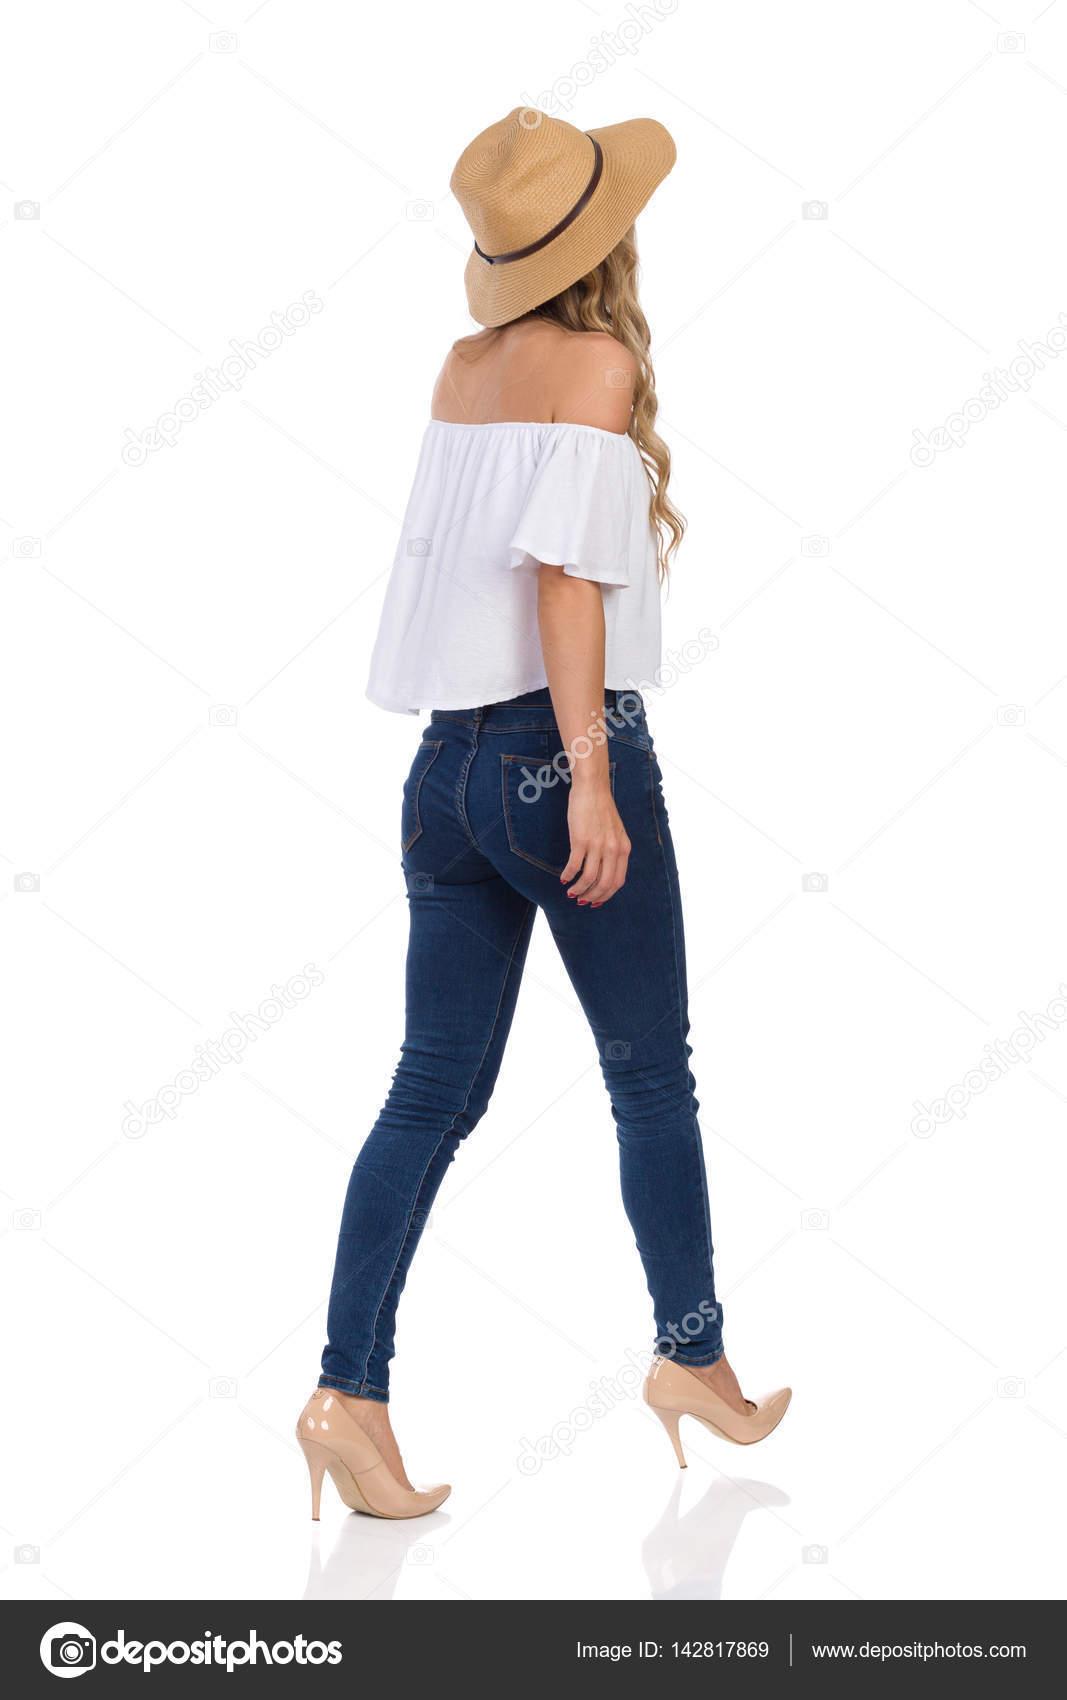 Altos Vista En JeansTacones Del De Y Poca Mujer Posterior Sombrero l13TFKJcu